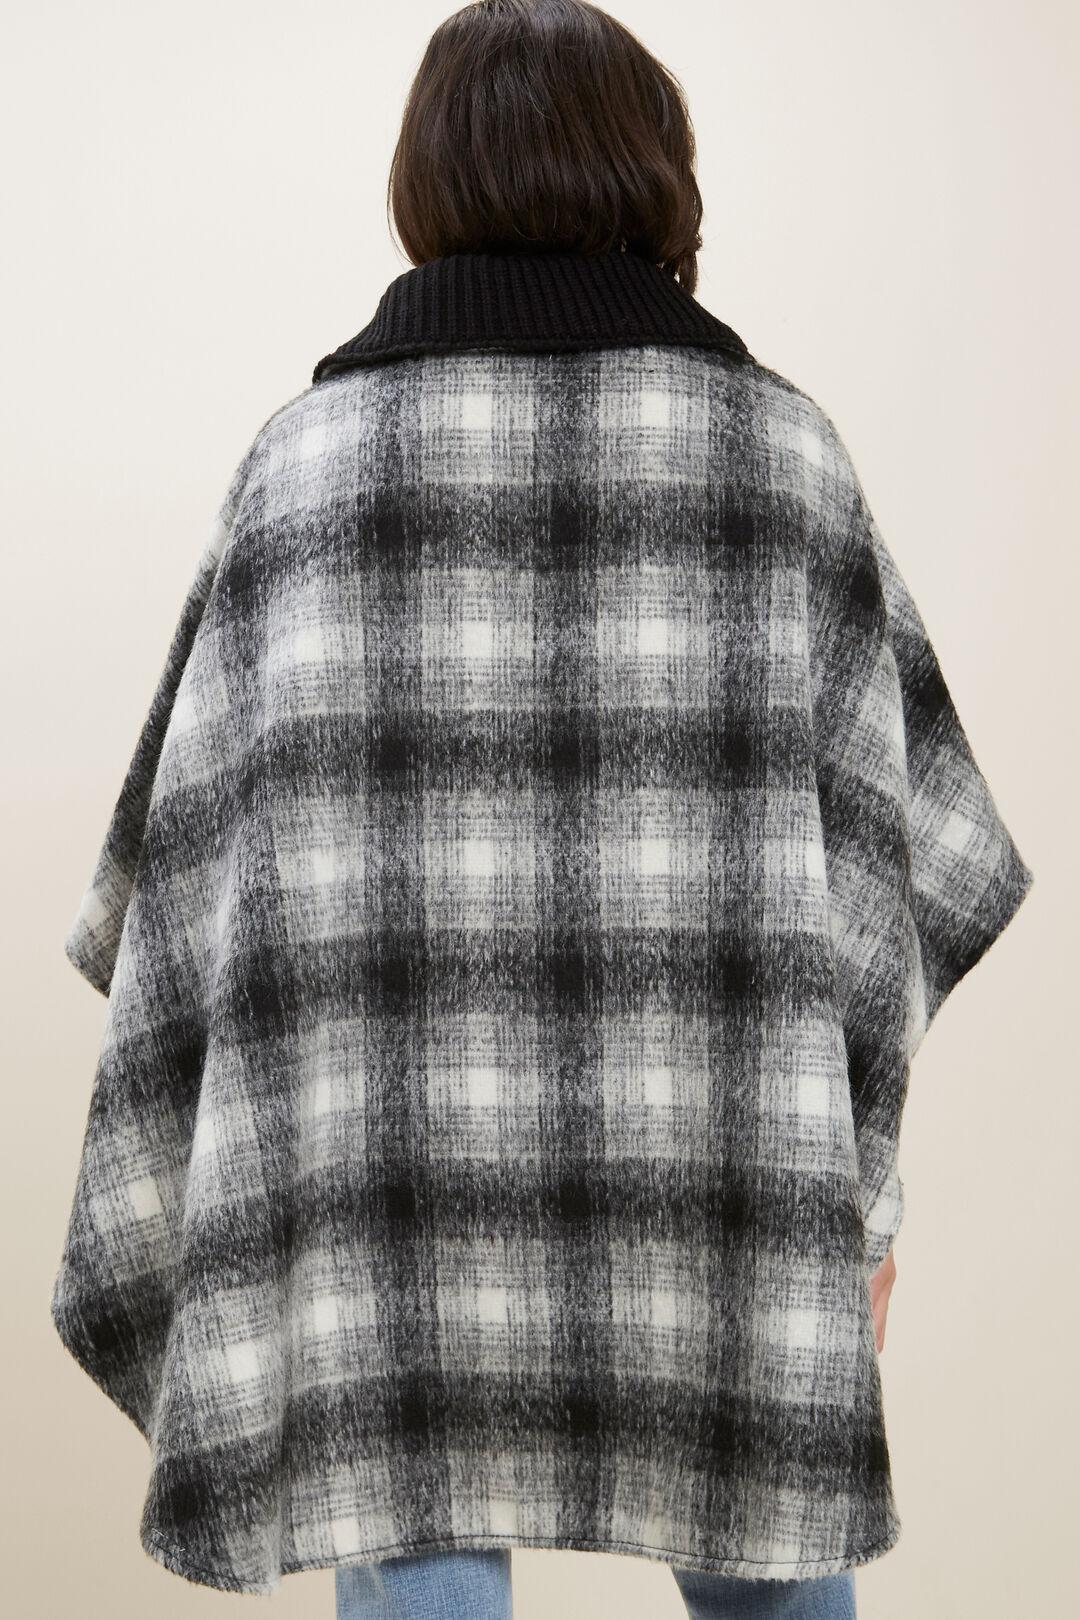 Wool Check Poncho  Black Multi  hi-res